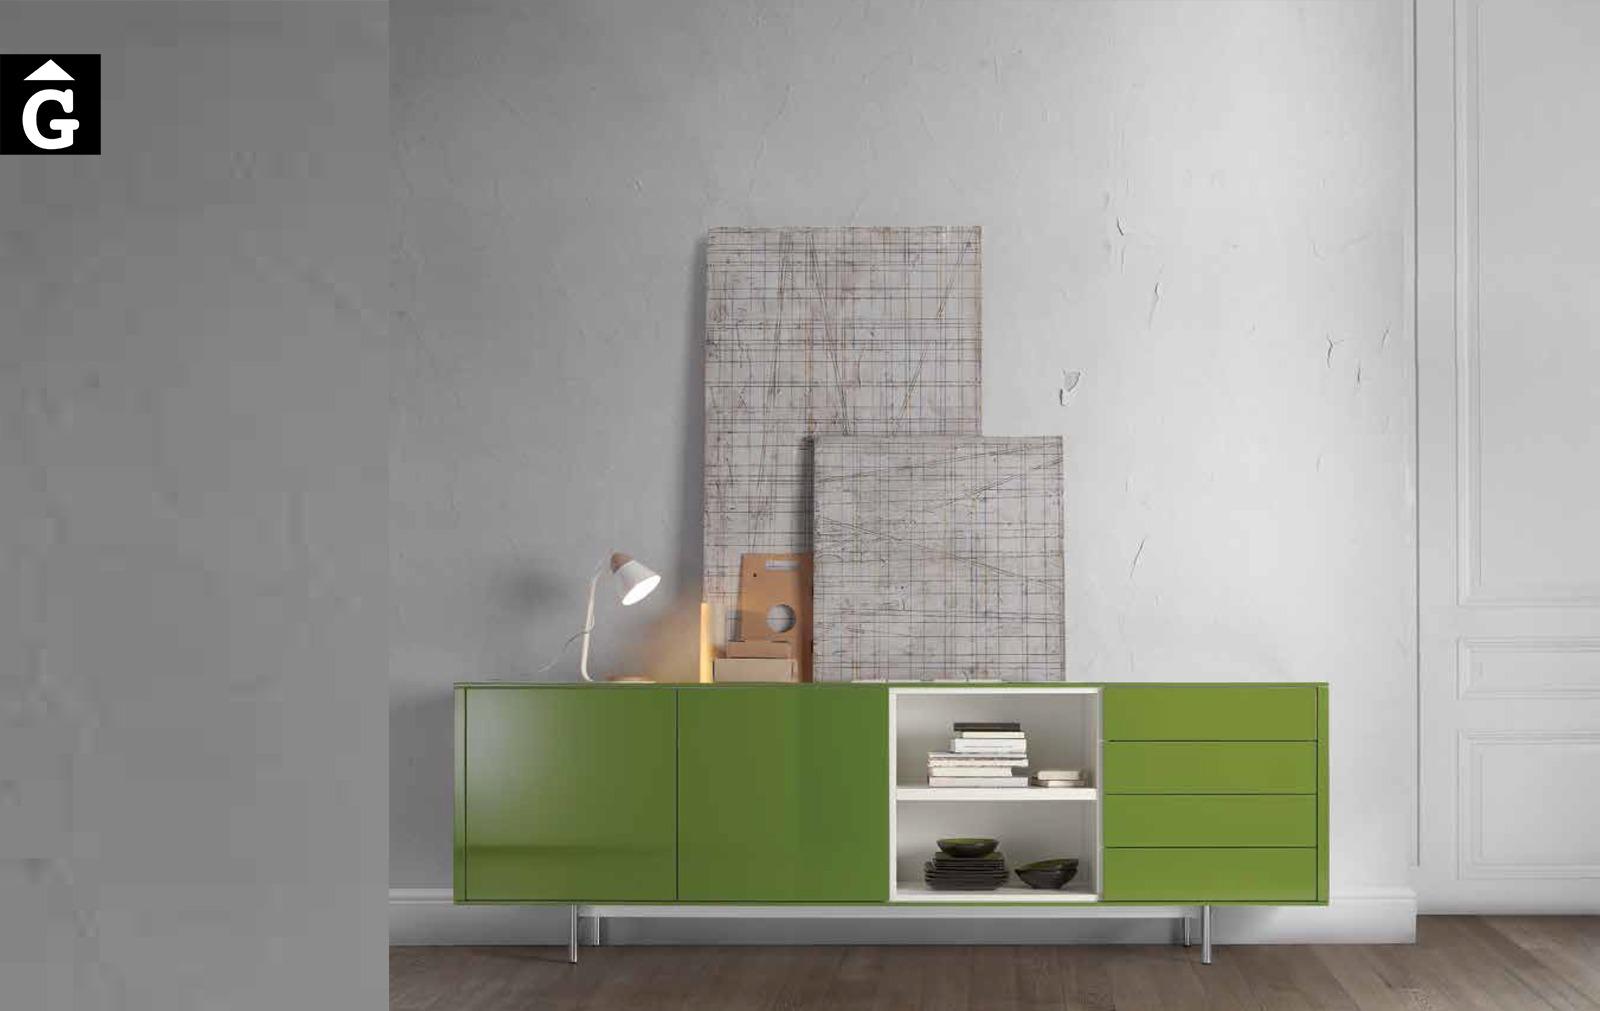 Musgo 0 Loyra muebles by mobles Gifreu Idees per la llar moble de qualitat